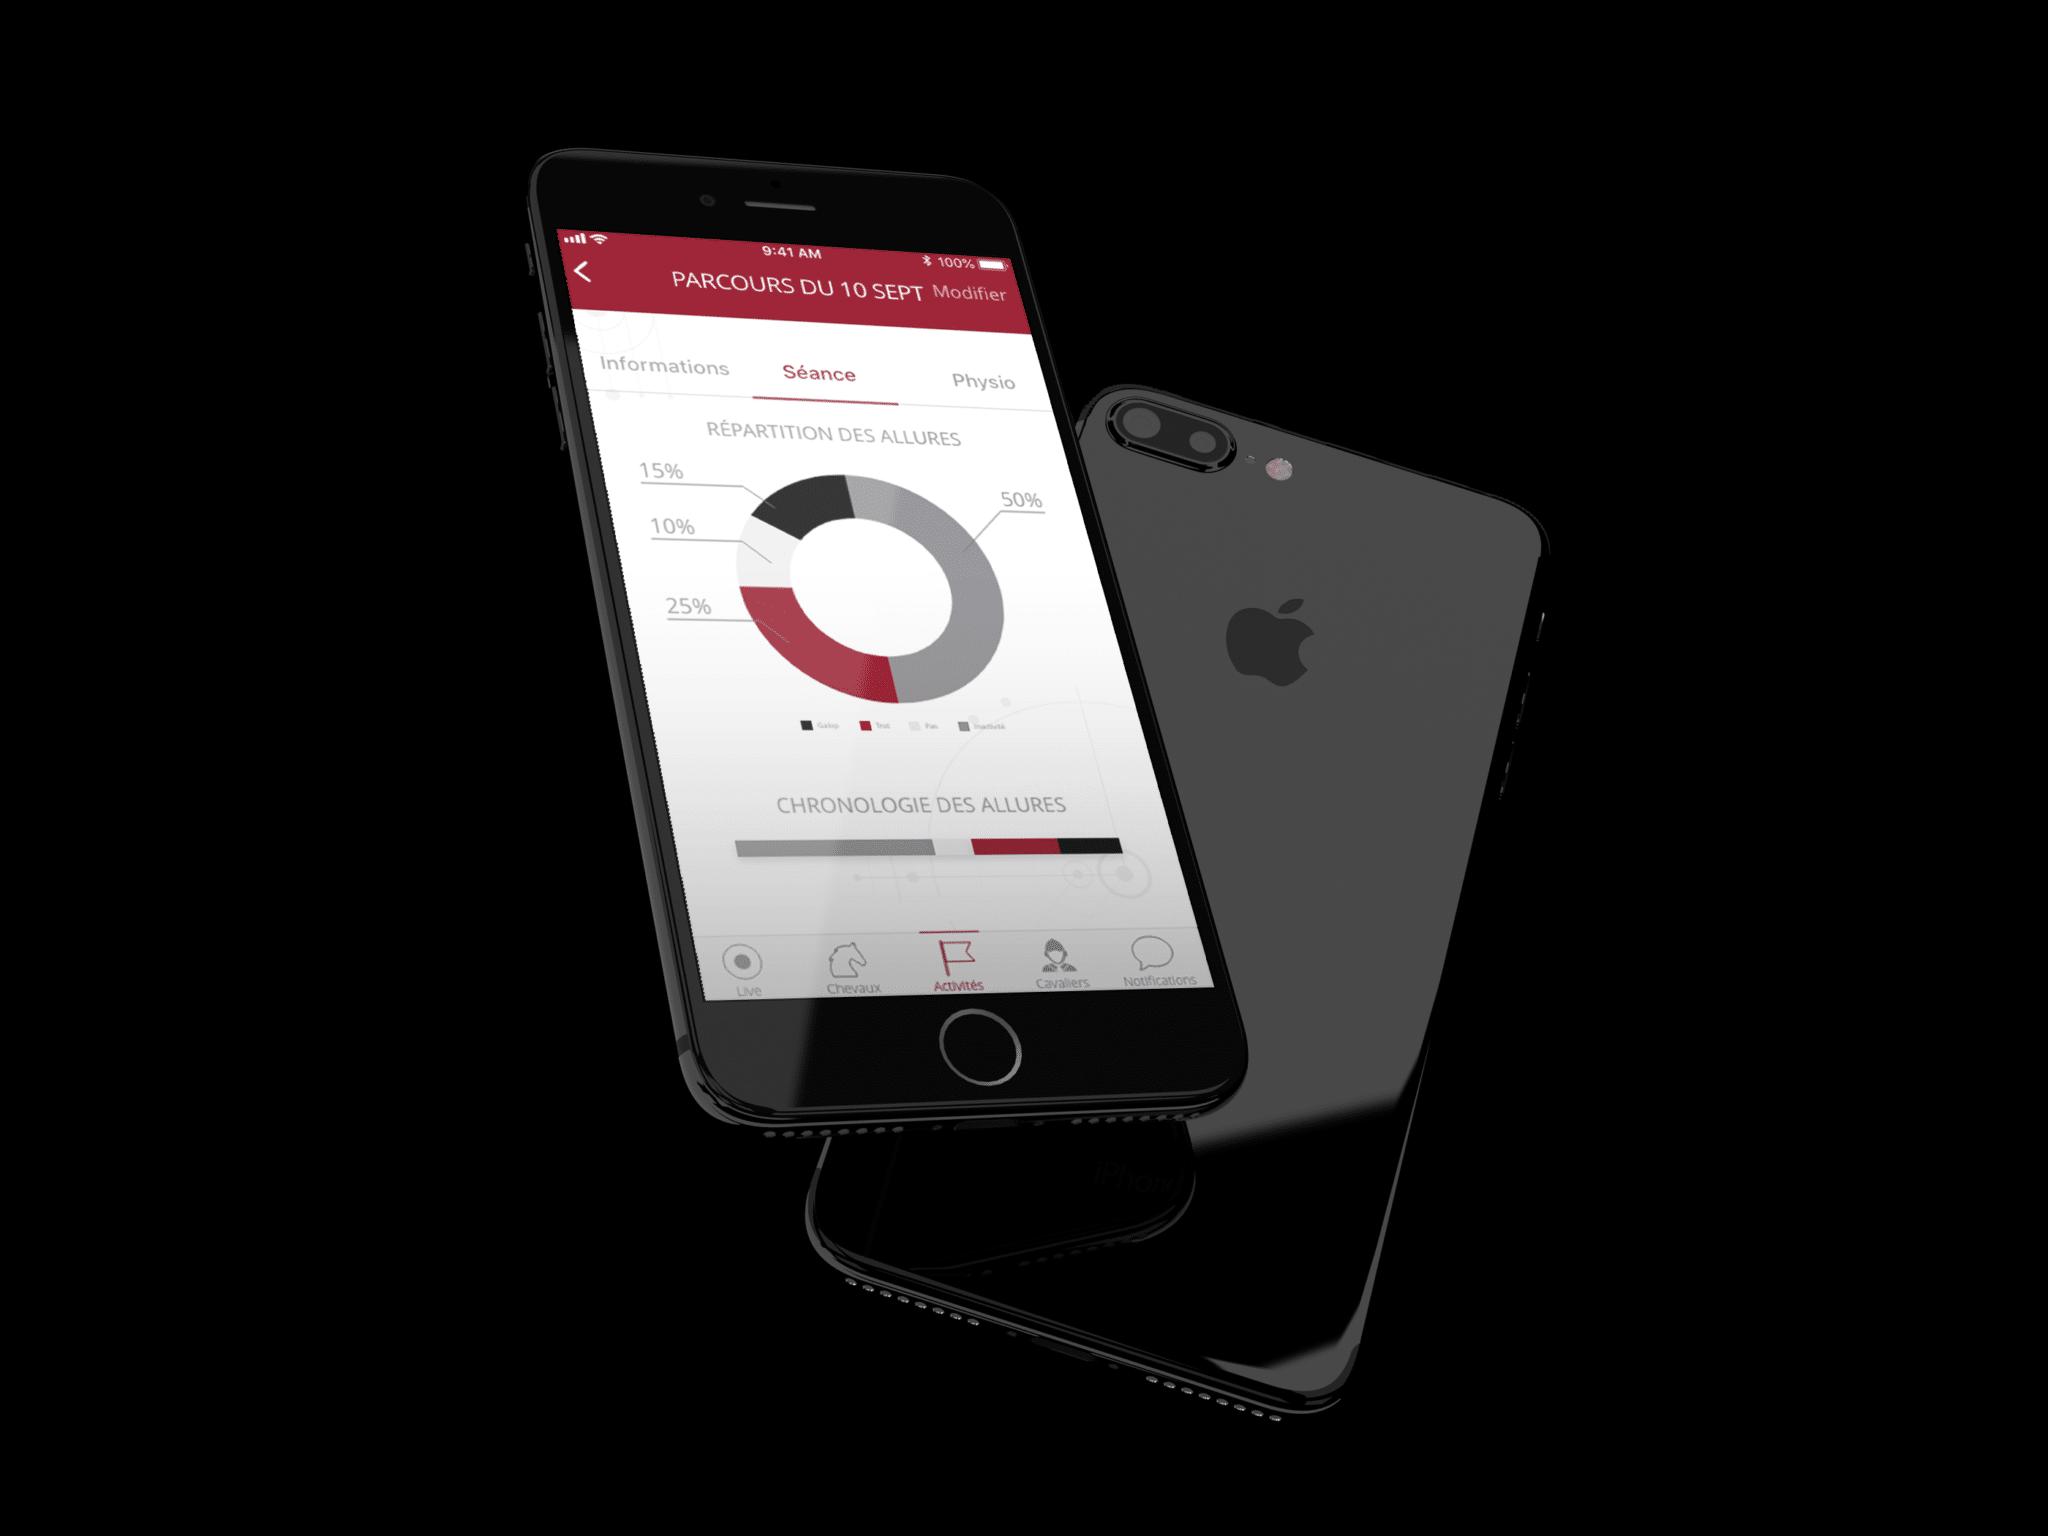 """Mise en situation dans iphone, de l'écran """"actualité de séance"""" dans l'application i-sport app"""